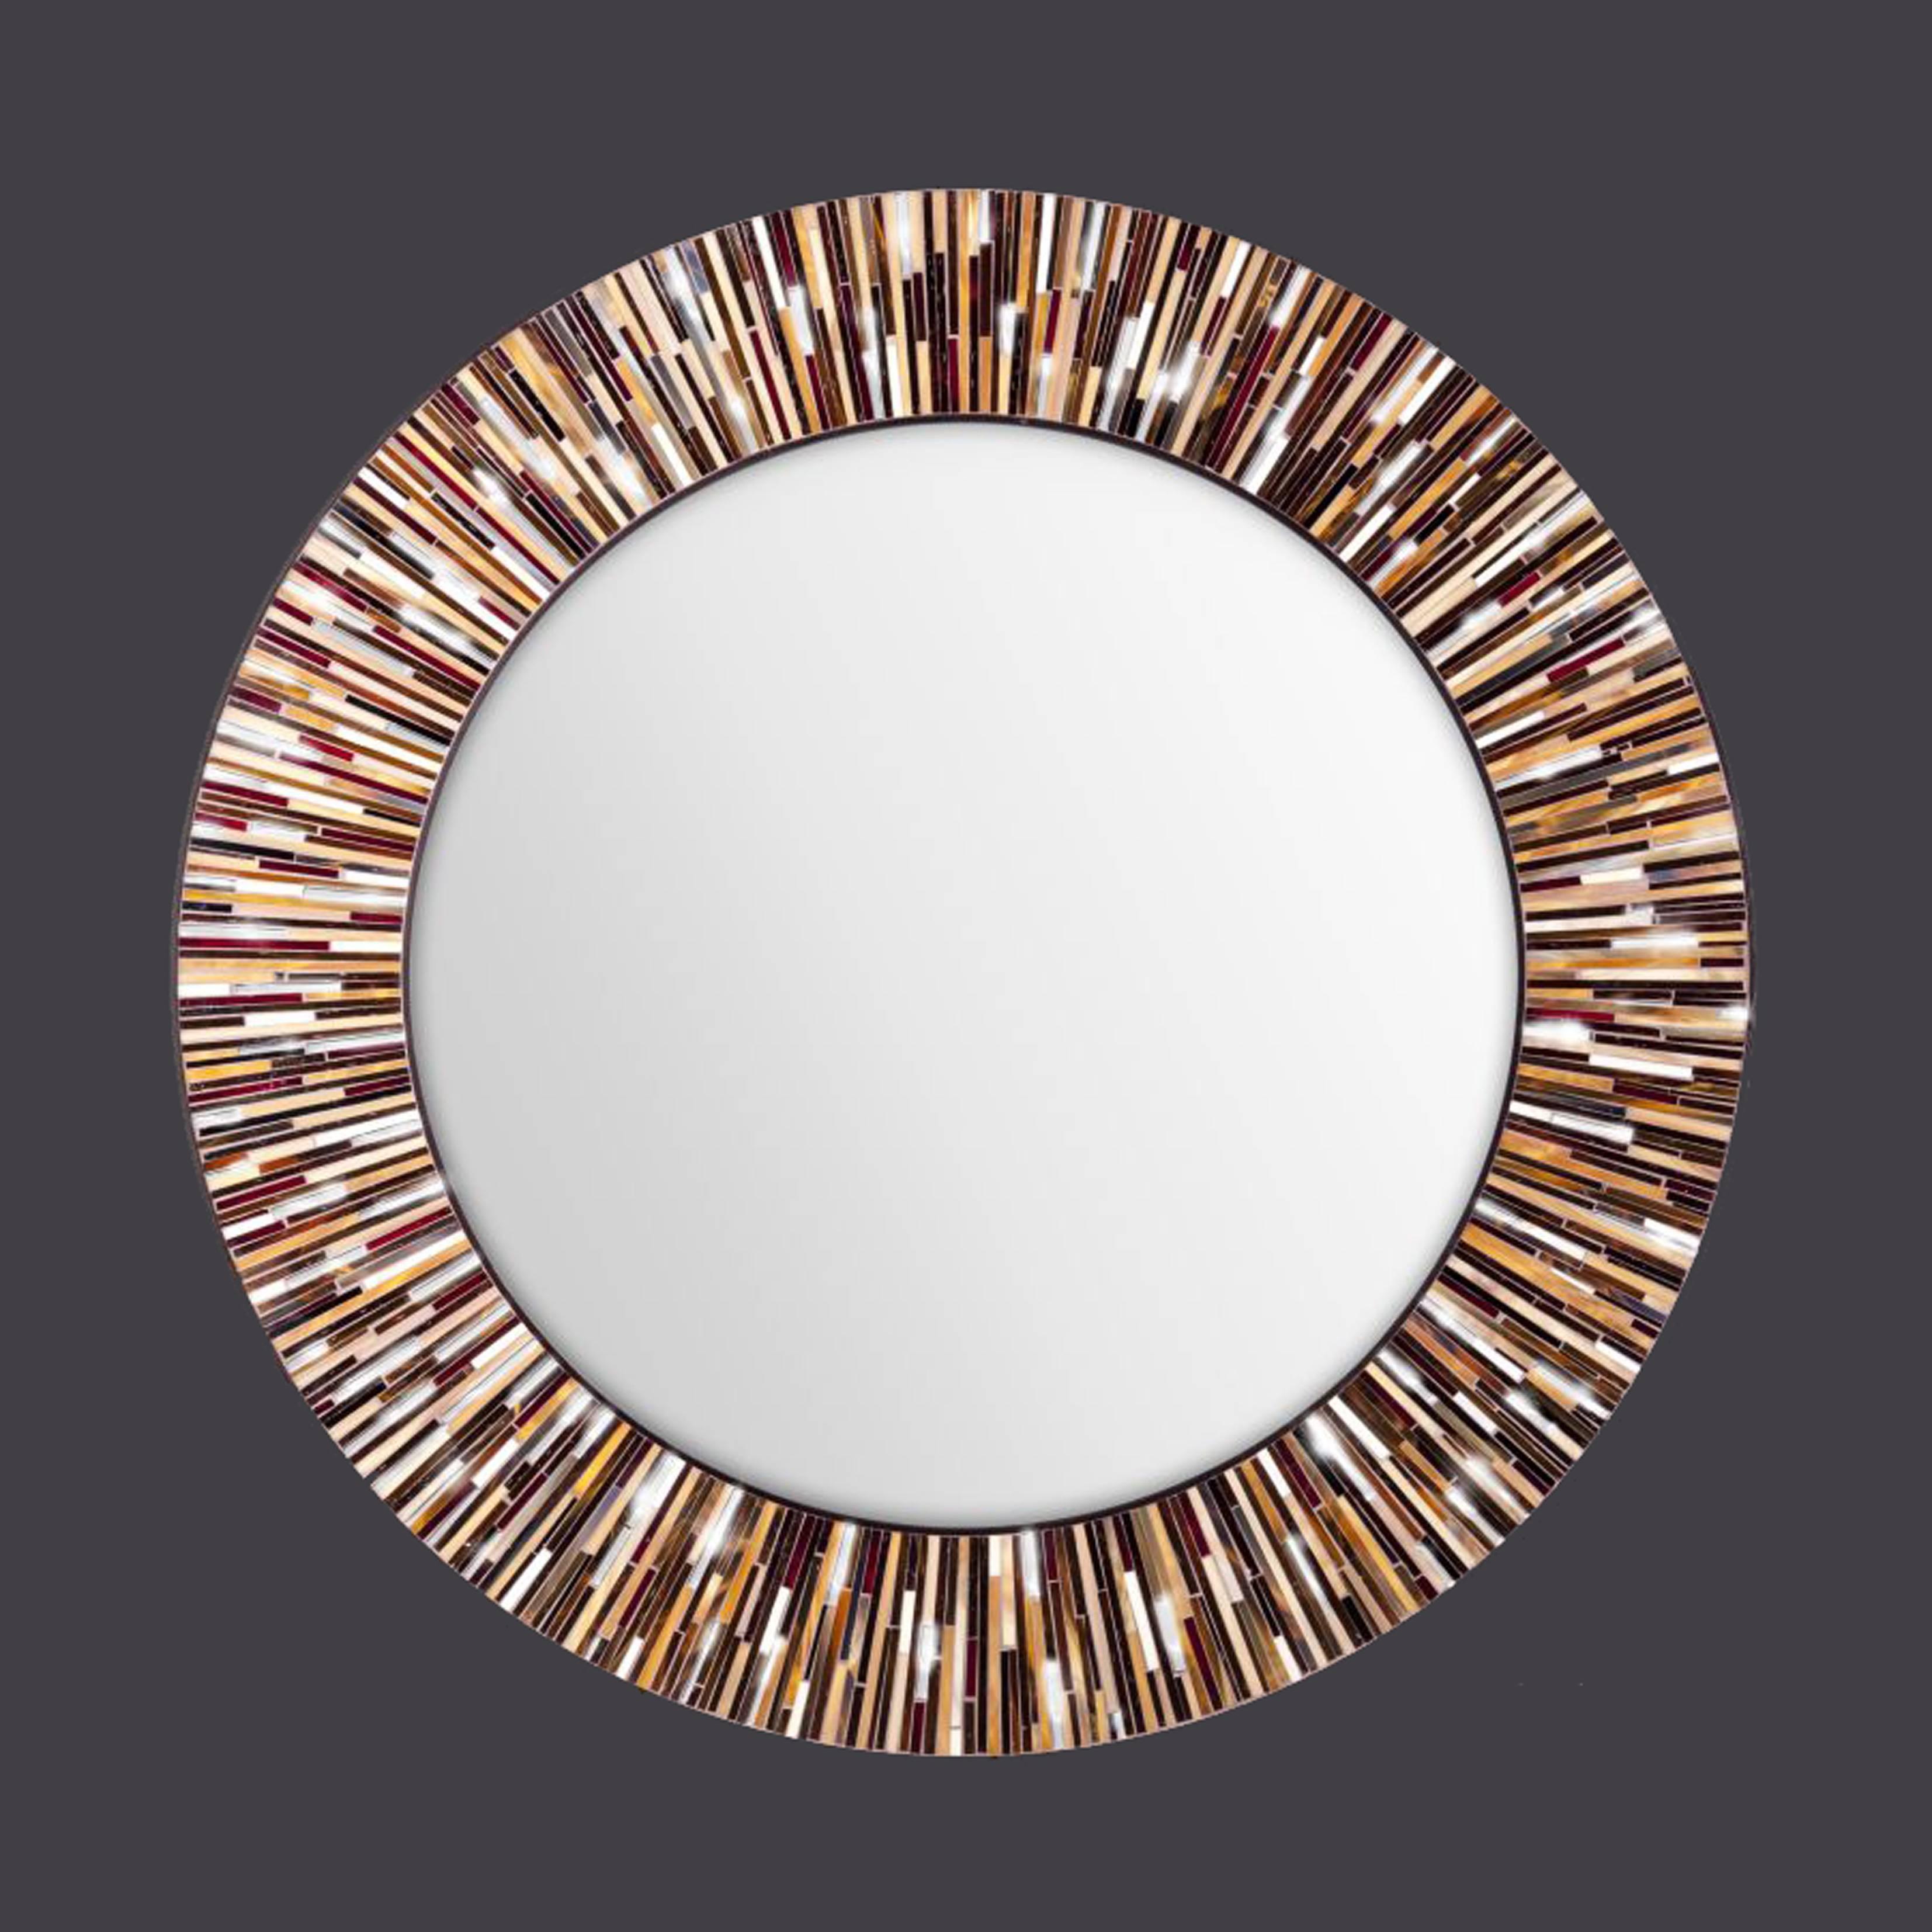 Mosaic Wall Mirrorspiaggi with Mosaic Wall Mirrors (Image 16 of 25)